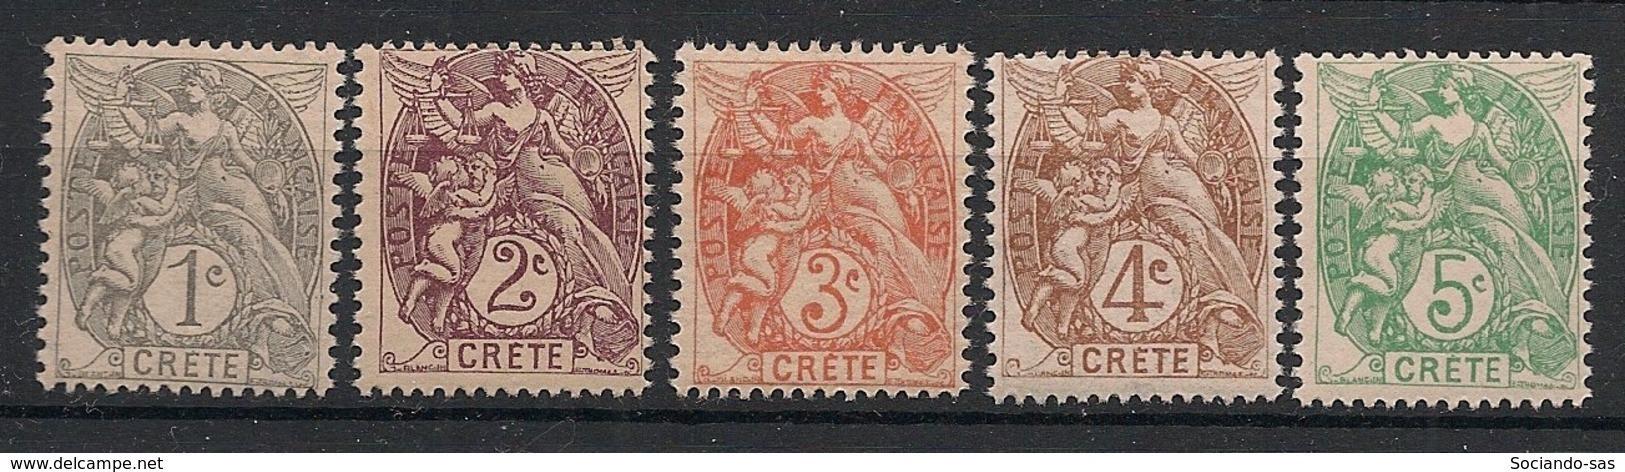 Crète - 1902-03 - N°Yv. 1 à 5 - Type Blanc - Les 5 Valeurs De 1c à 5c - Neuf Luxe ** / MNH / Postfrisch - Unused Stamps